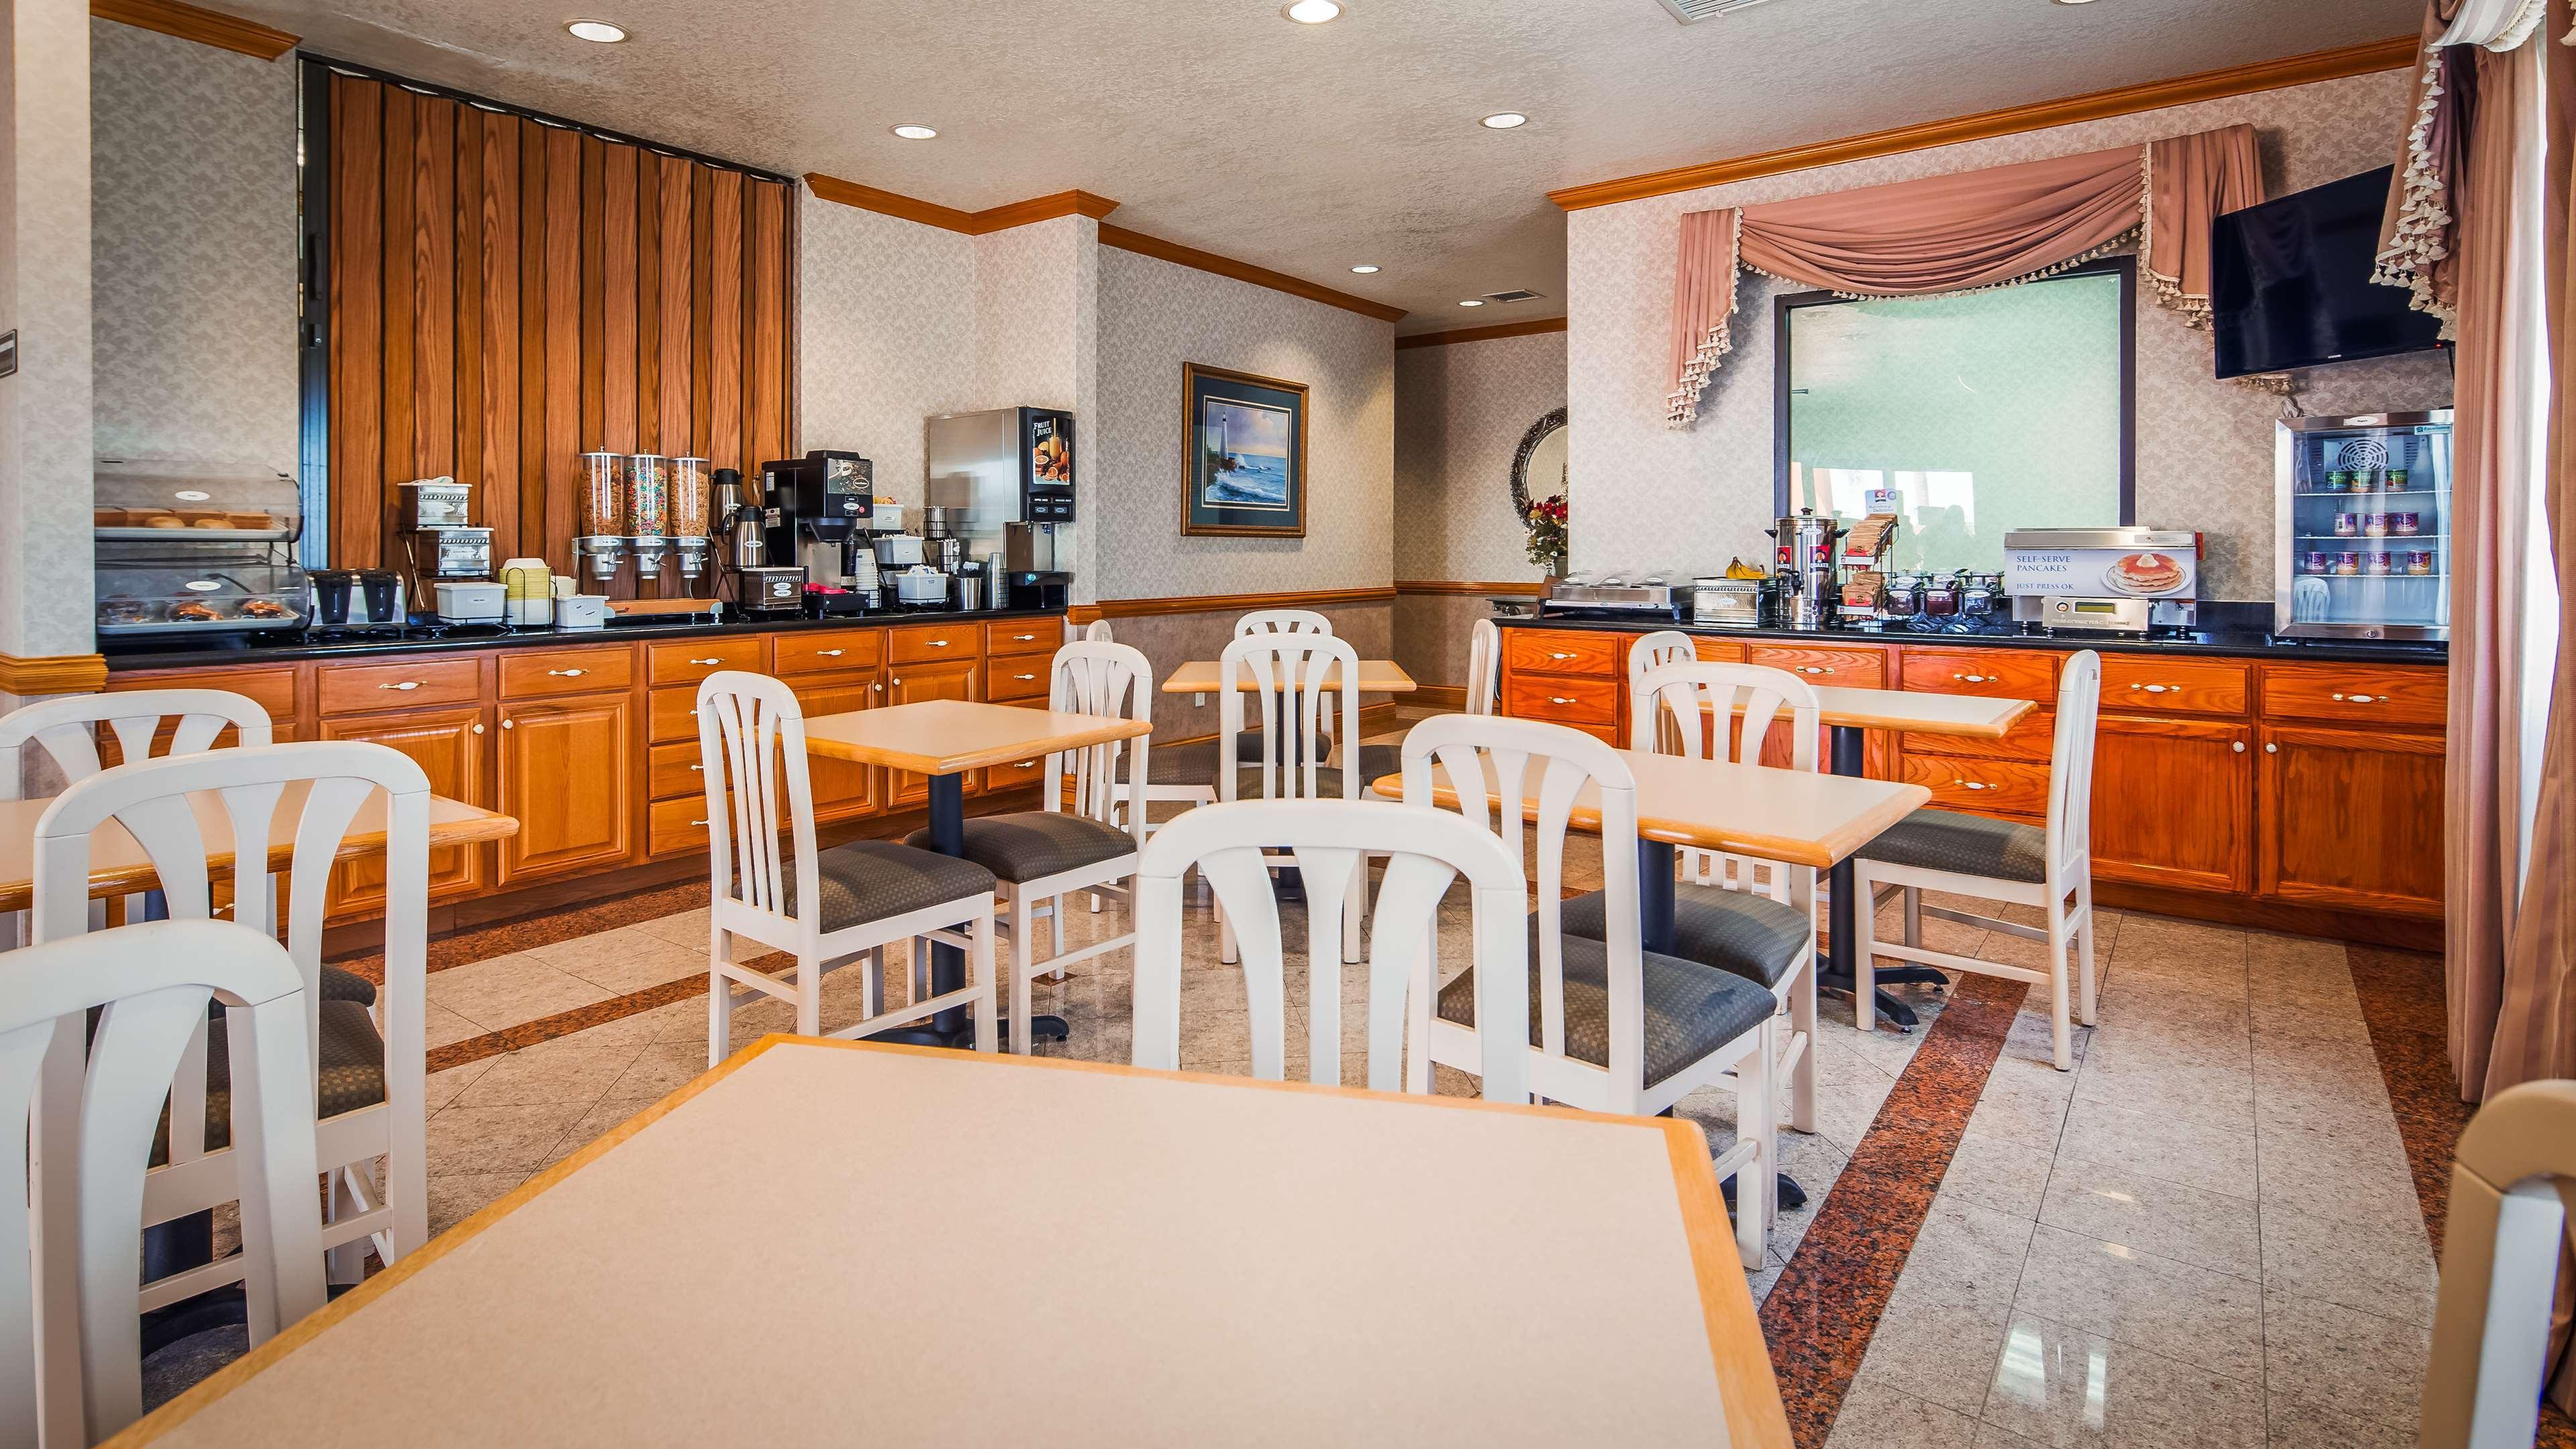 SureStay Hotel by Best Western Falfurrias image 27